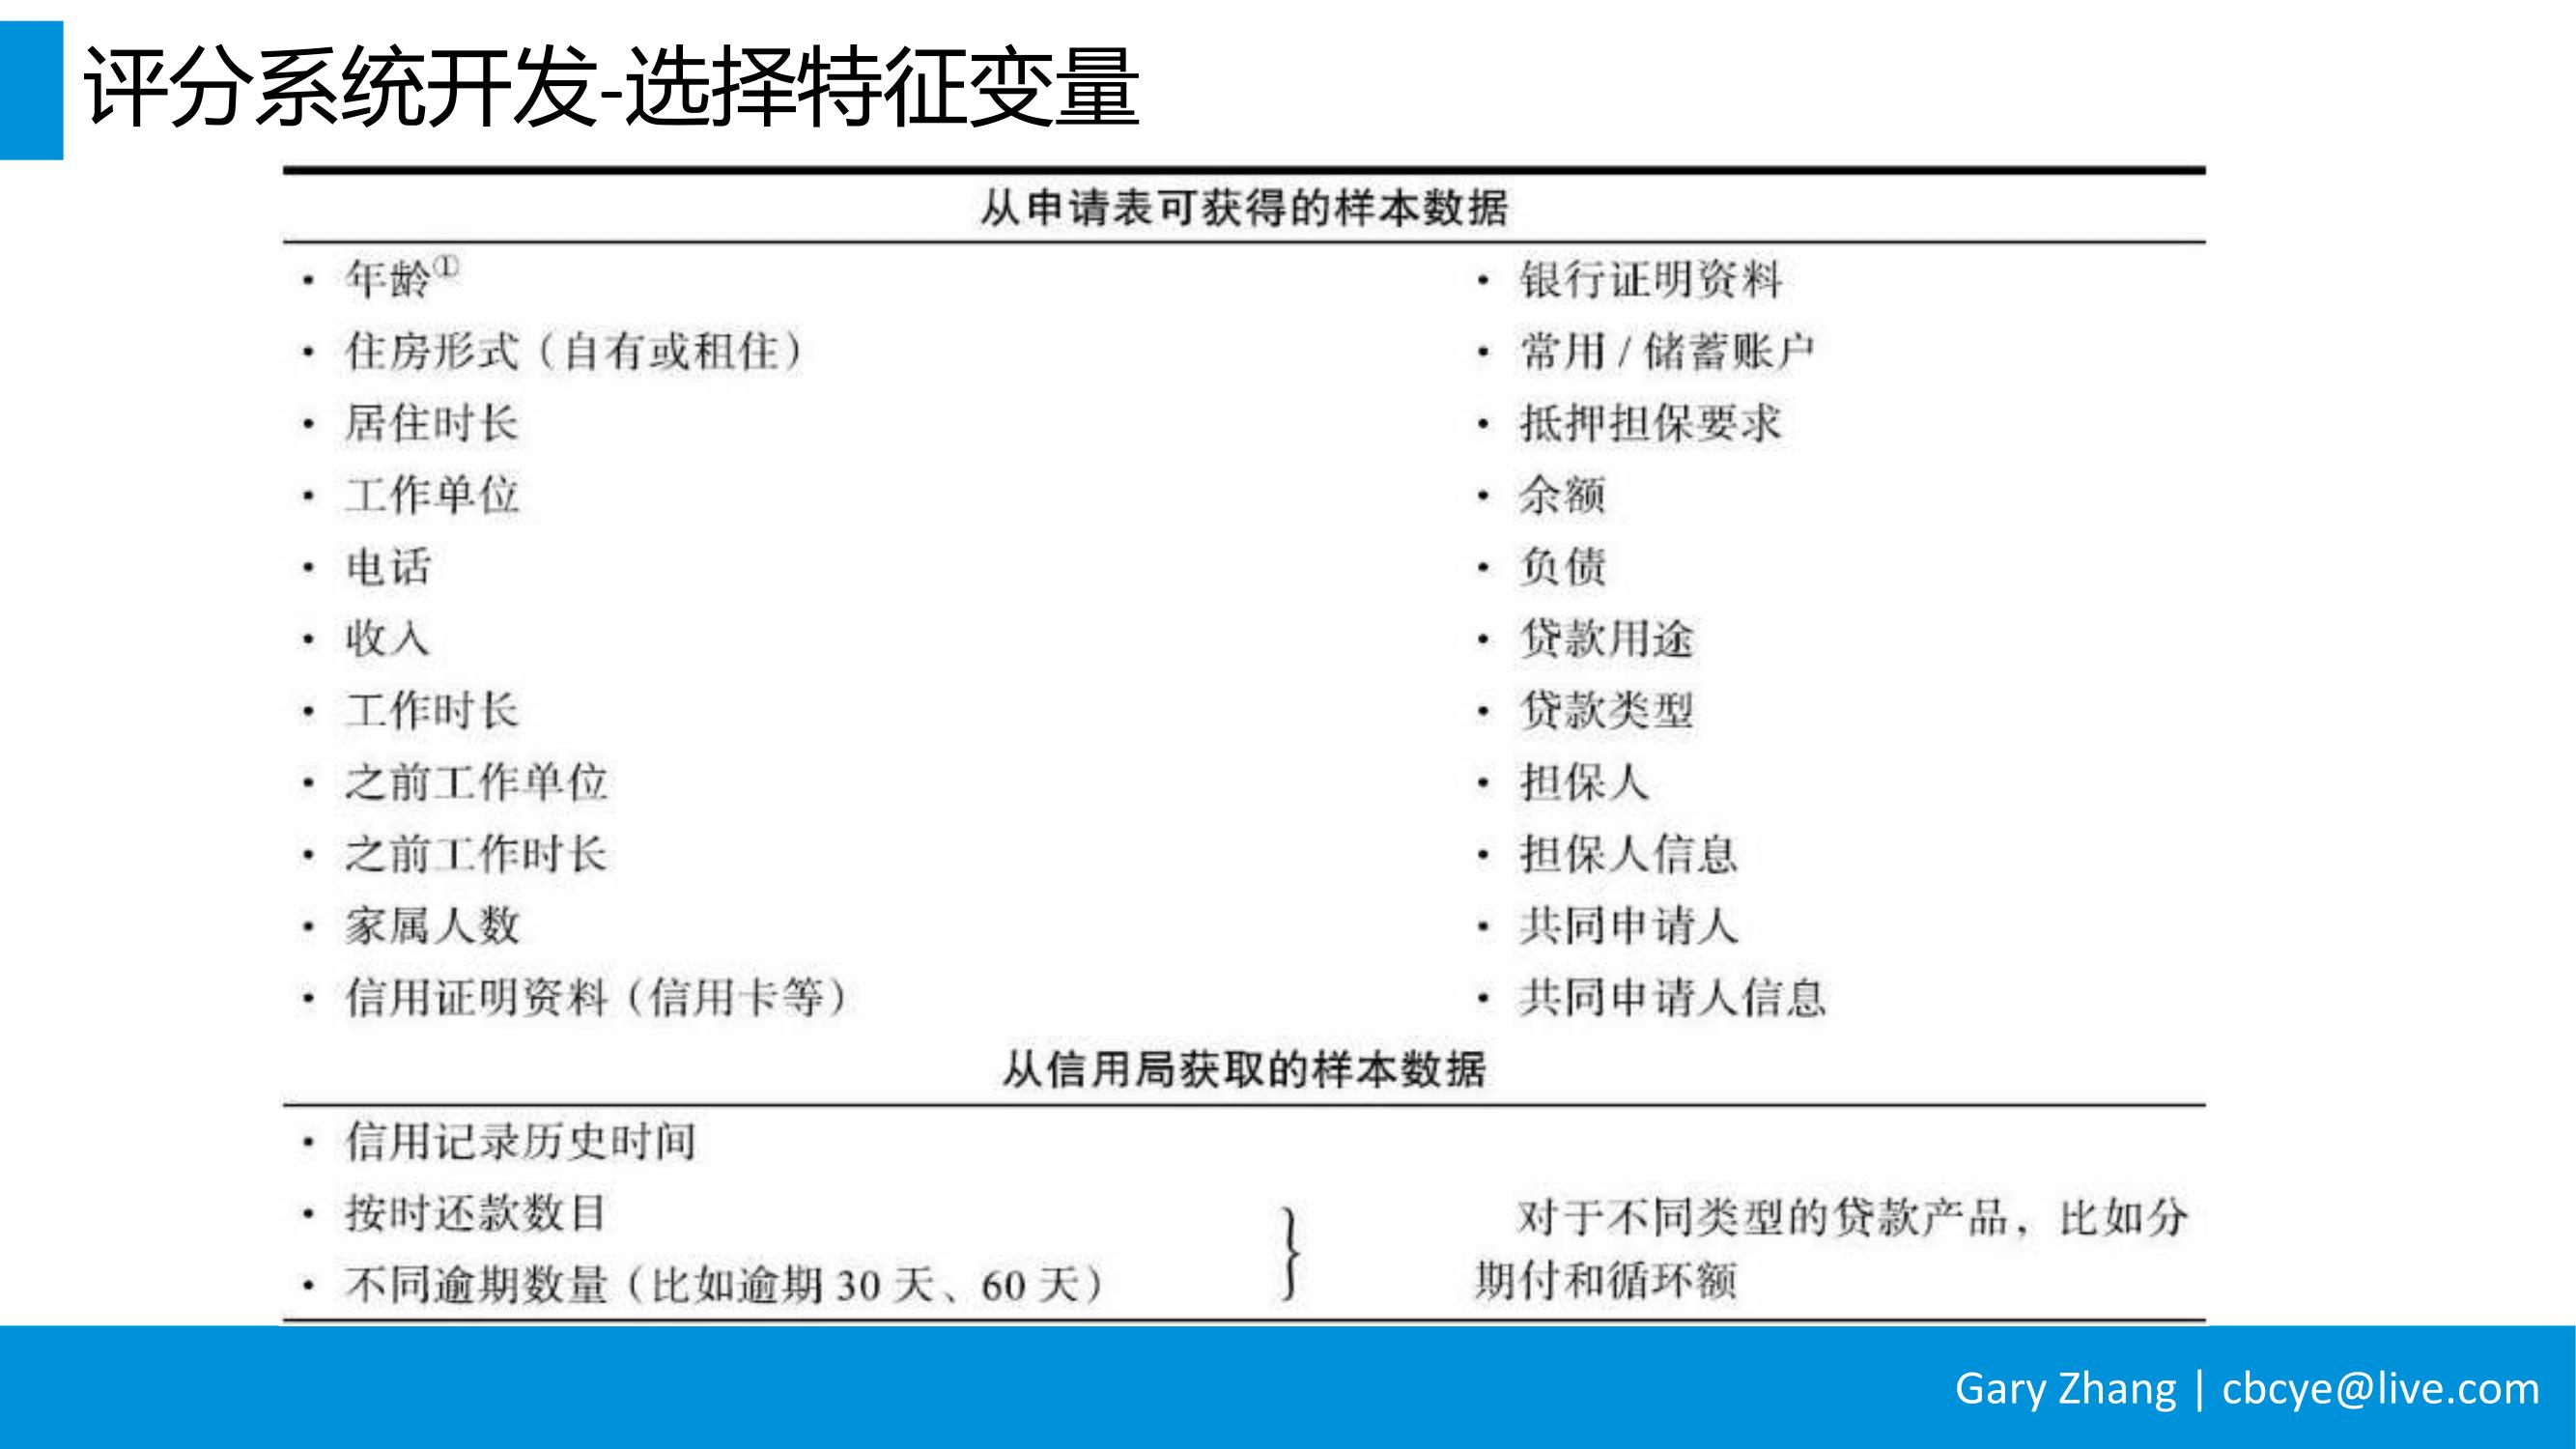 消费金融业务全流程指南_v1.0-028